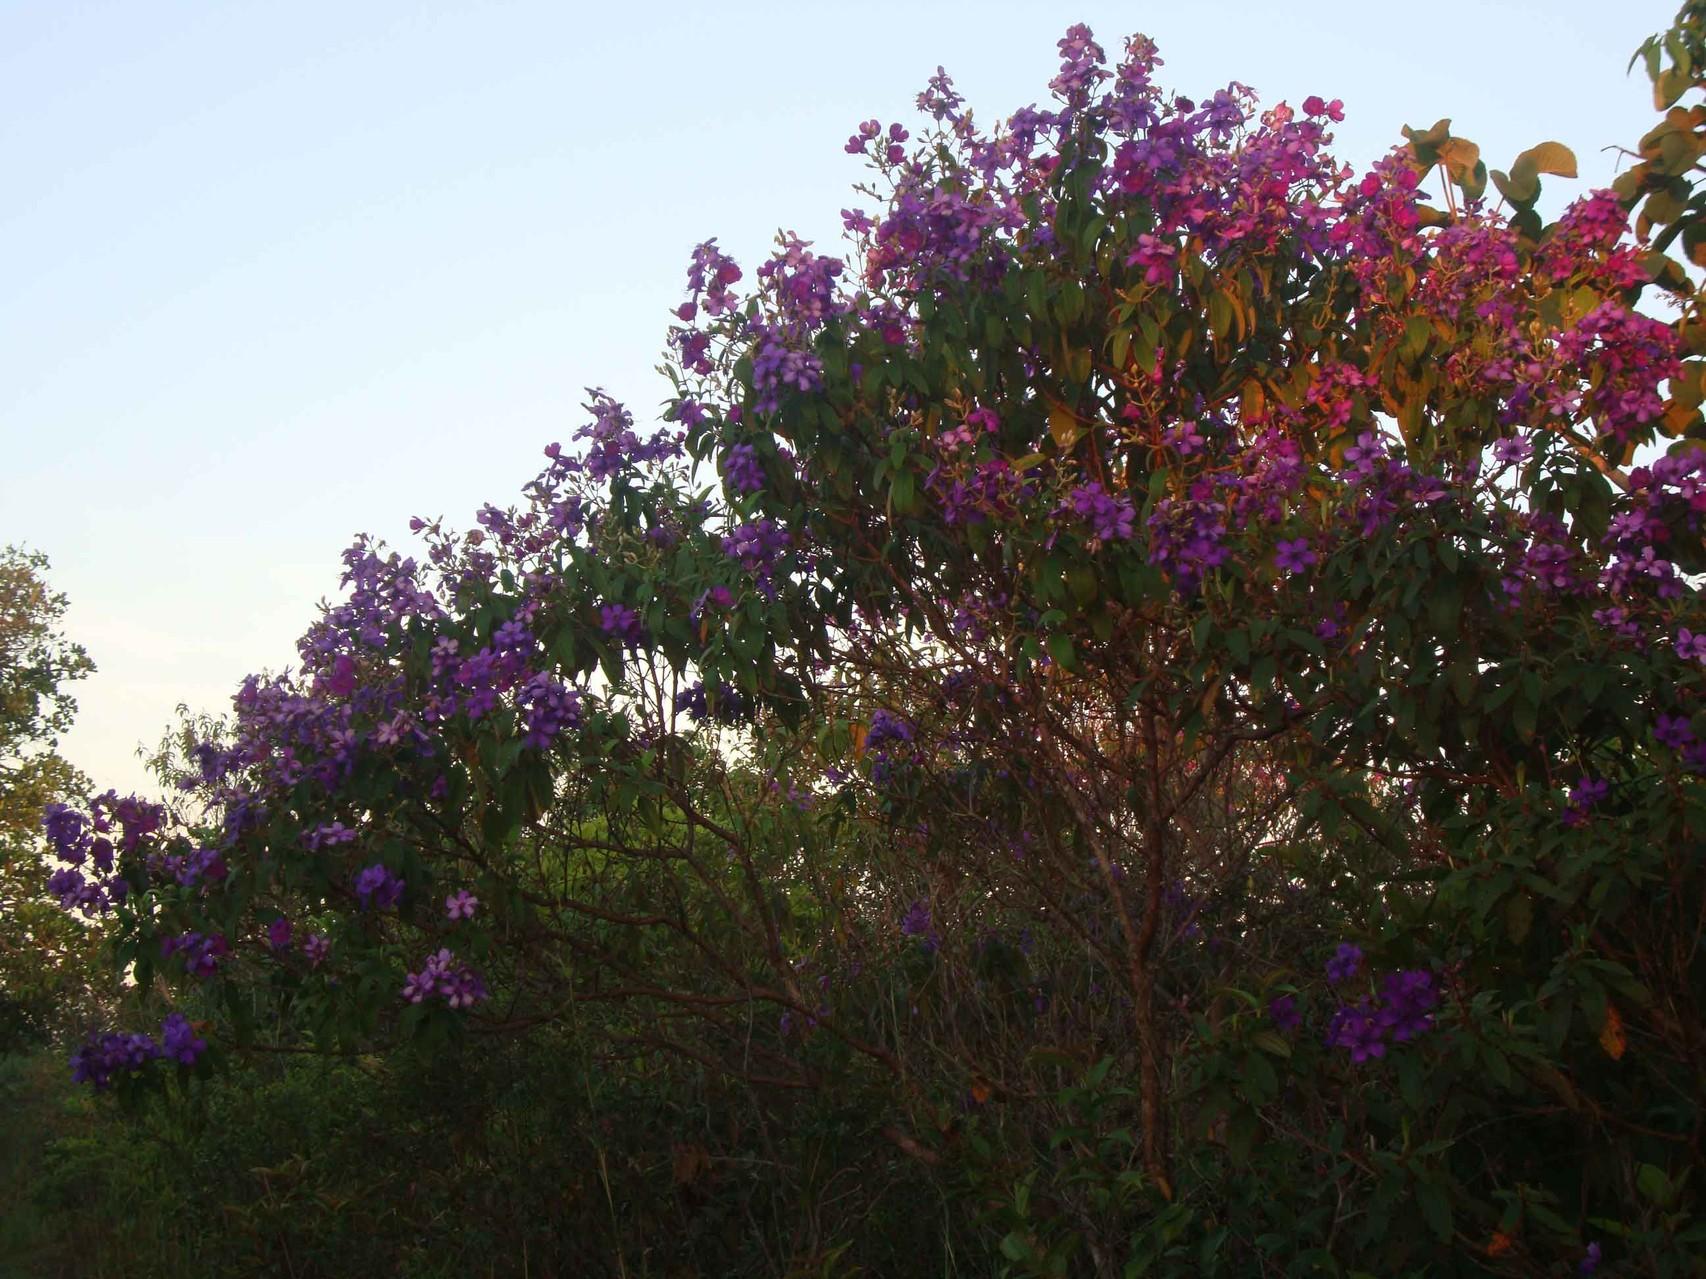 夜明けの光の中に映える巣箱近くの綺麗な紫色の花の木。